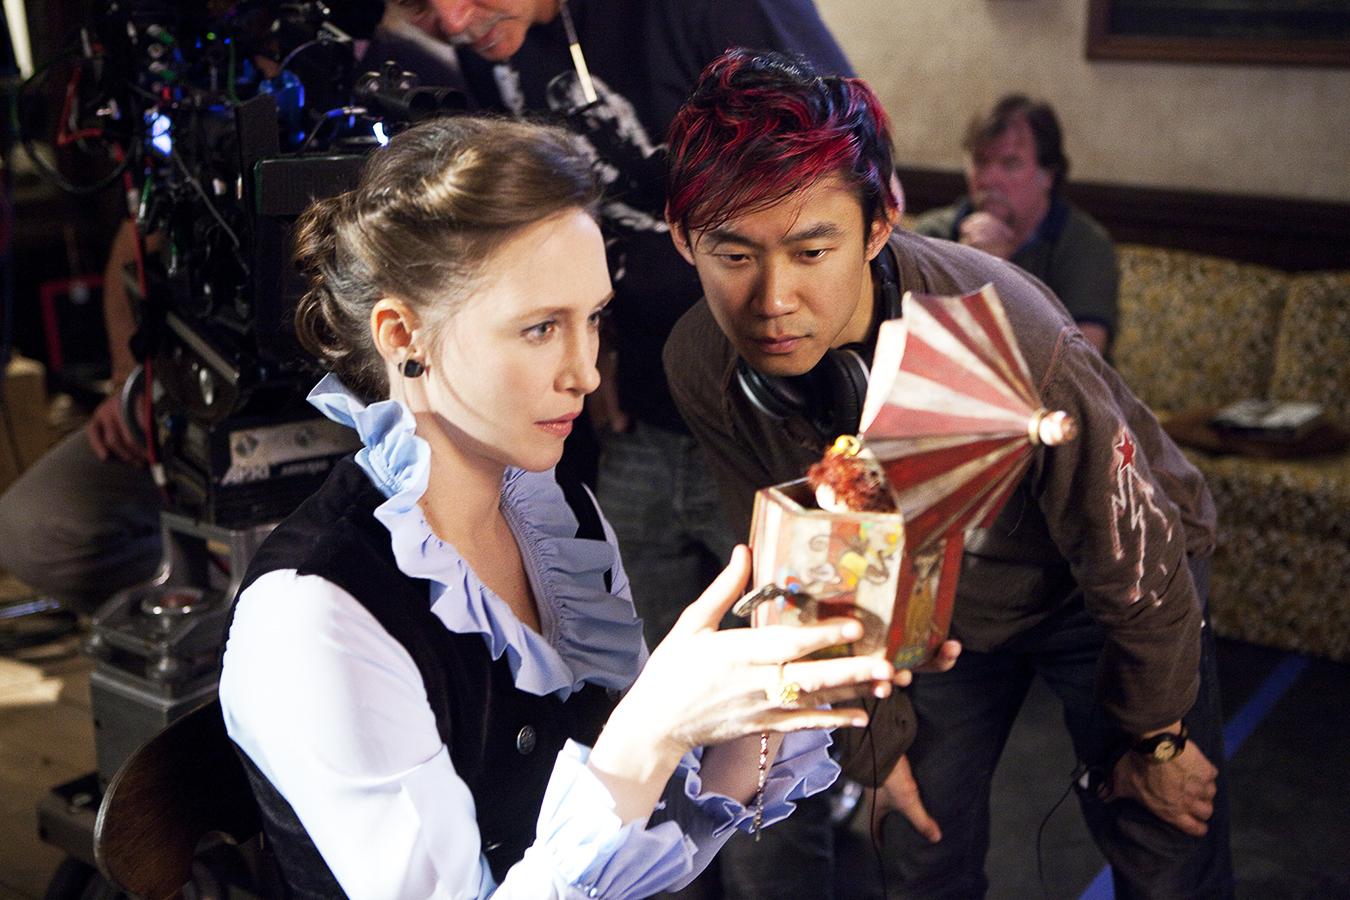 ده کارگردان برتر ژانر ترسناک قرن بیست و یکم